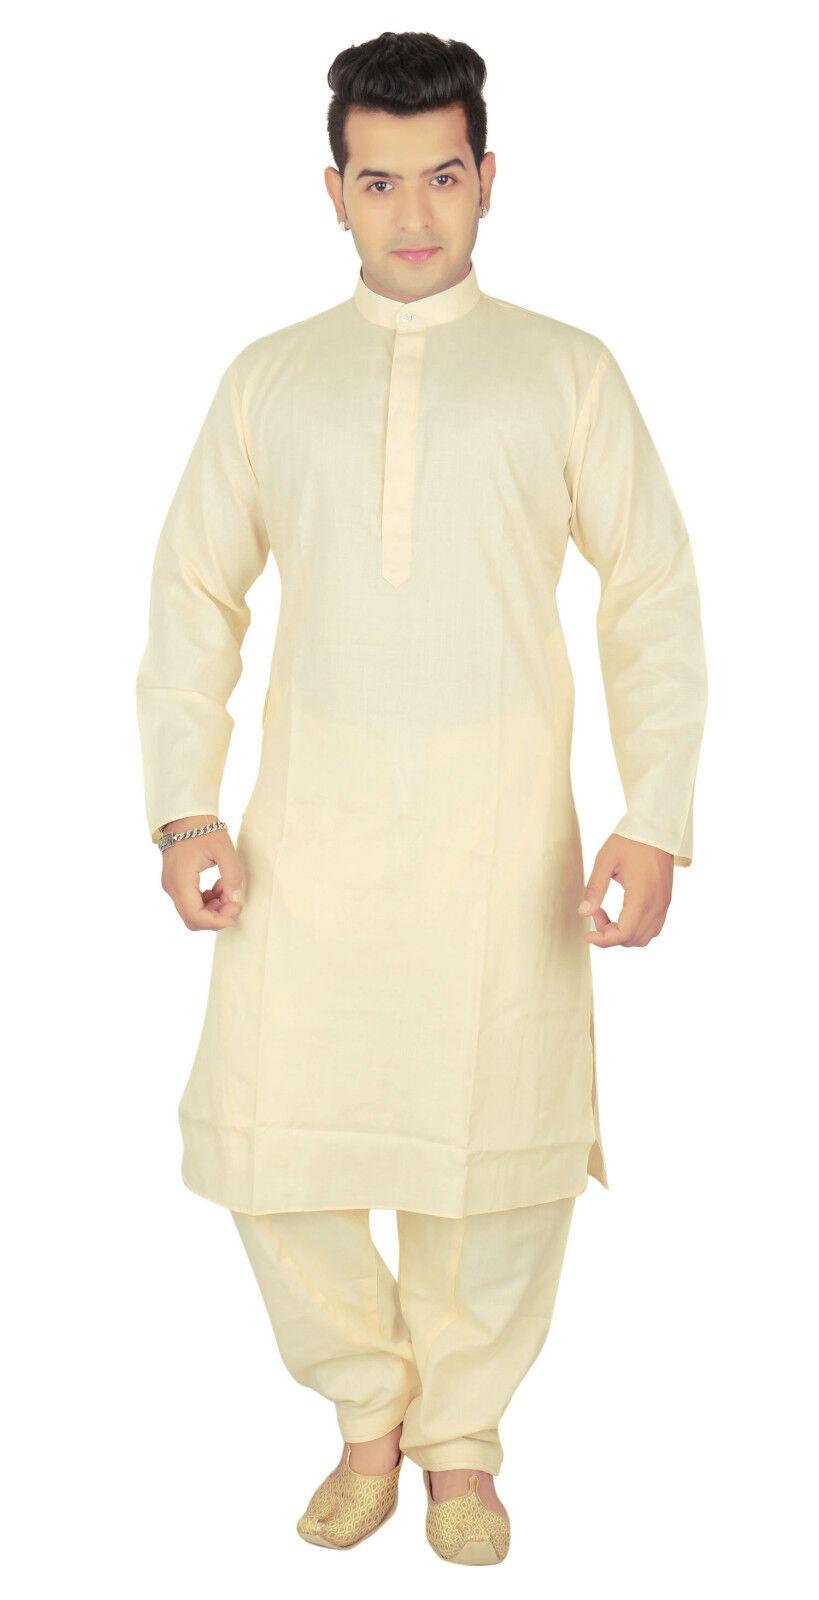 Herren Baumwolle creme Kurta Shalwar Kameez Kameez Kameez Pyjama vor Hochzeit Party | Bequeme Berührung  455bb7